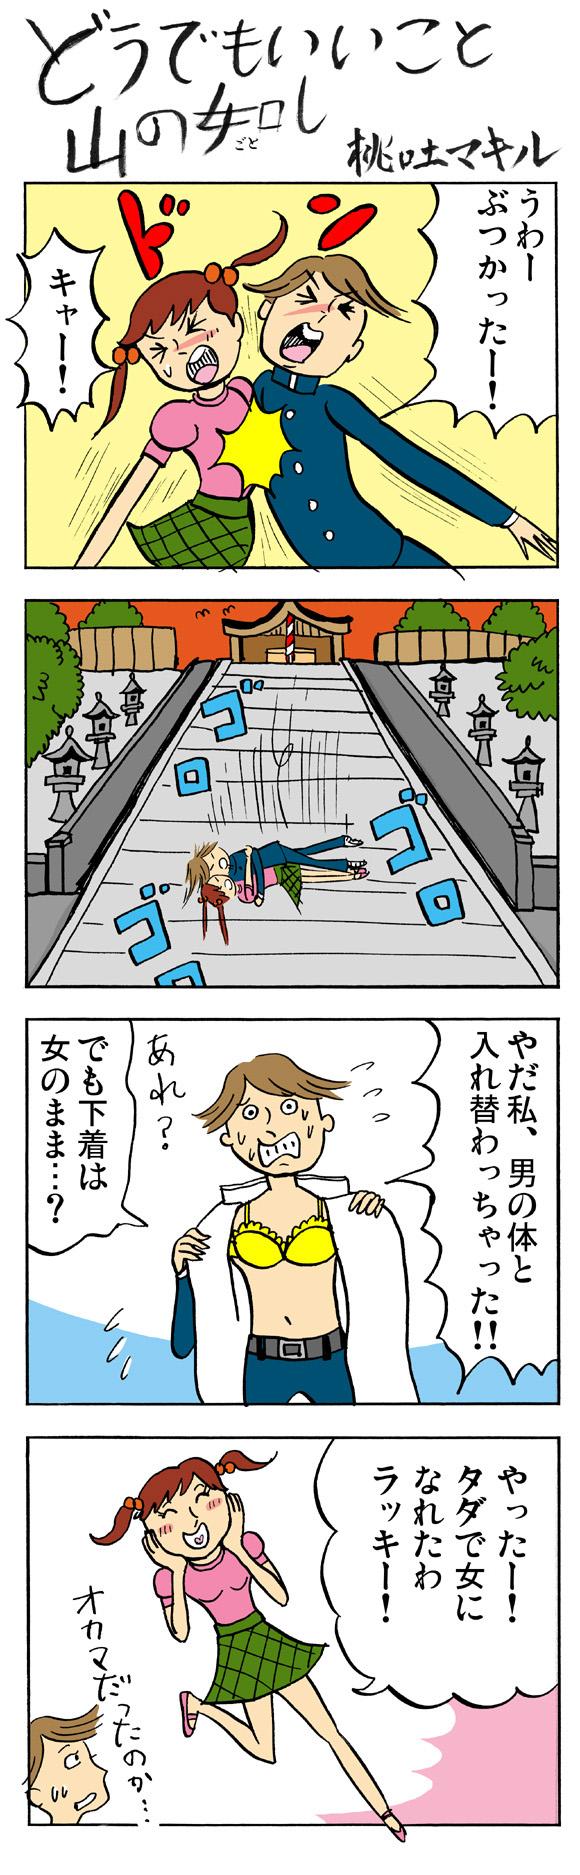 【まんが】どうでもいいこと山の如し「第23話:神社でぶつかるの如し」 by 桃吐マキル